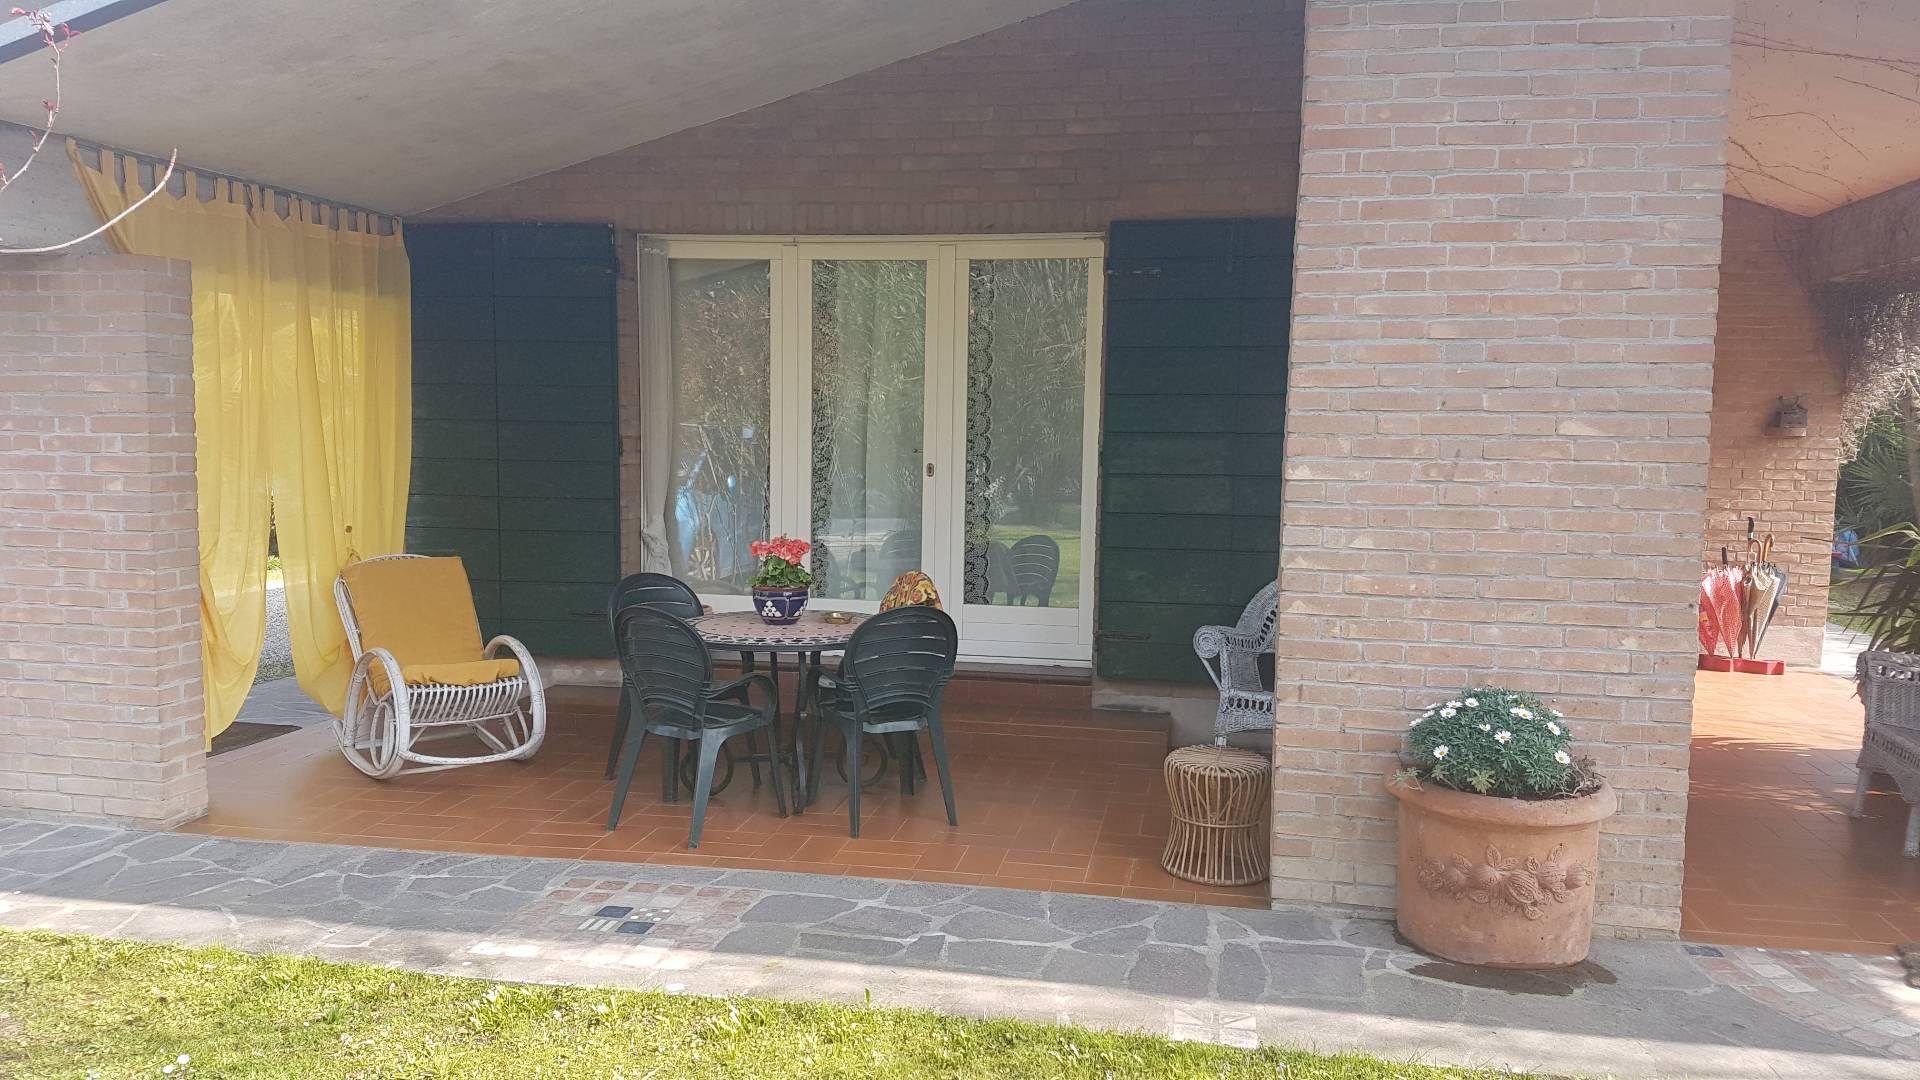 Villa in vendita a Musile di Piave, 10 locali, zona Località: centro, prezzo € 350.000 | CambioCasa.it